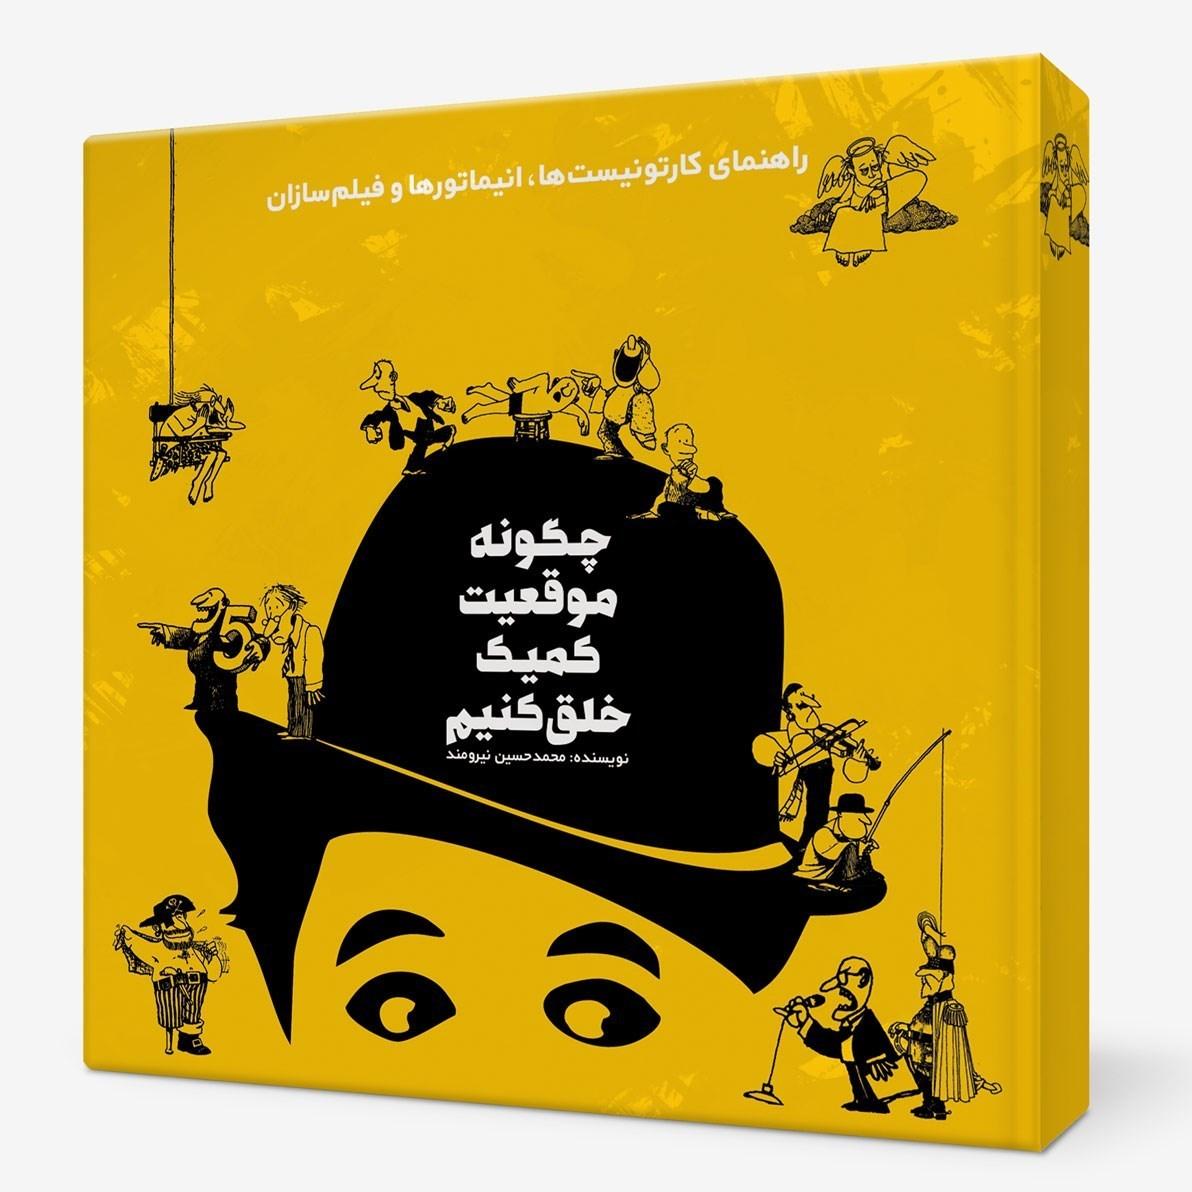 کاریکاتور , کتاب و ادبیات ,